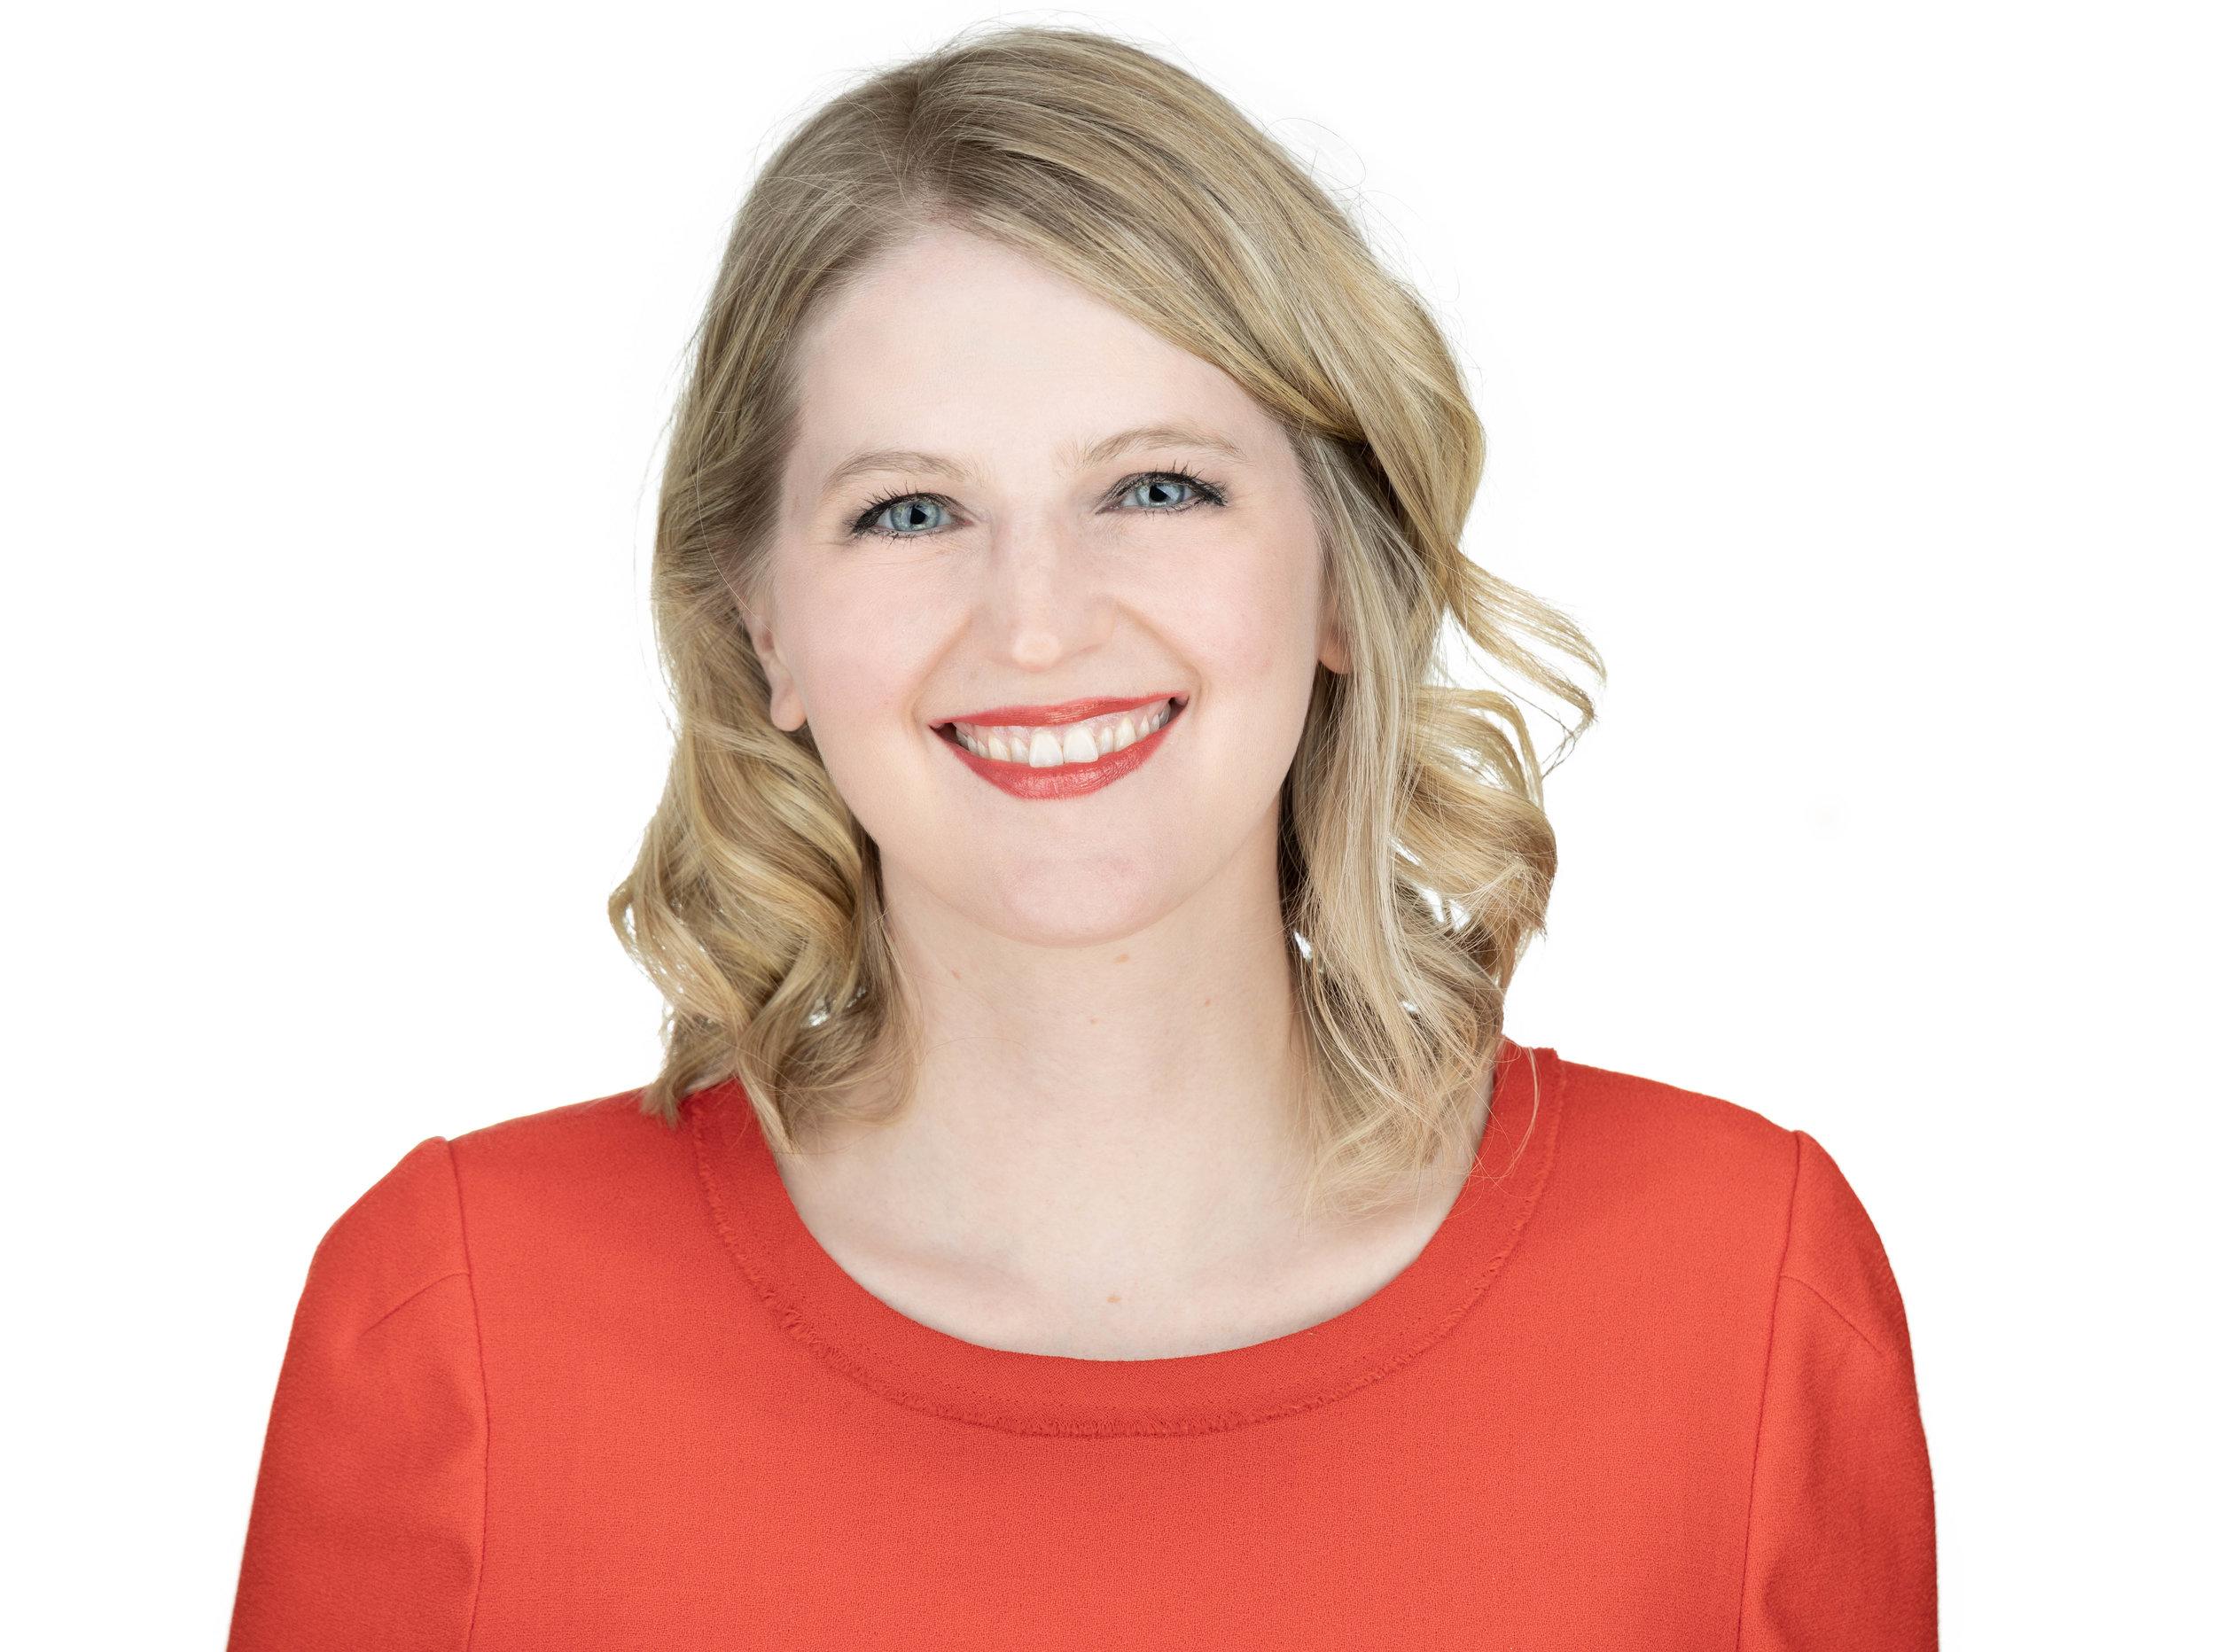 Audrey Walstrom, D.M.A., CCC-SLP - Voice Pathologist & Singing Voice Specialist